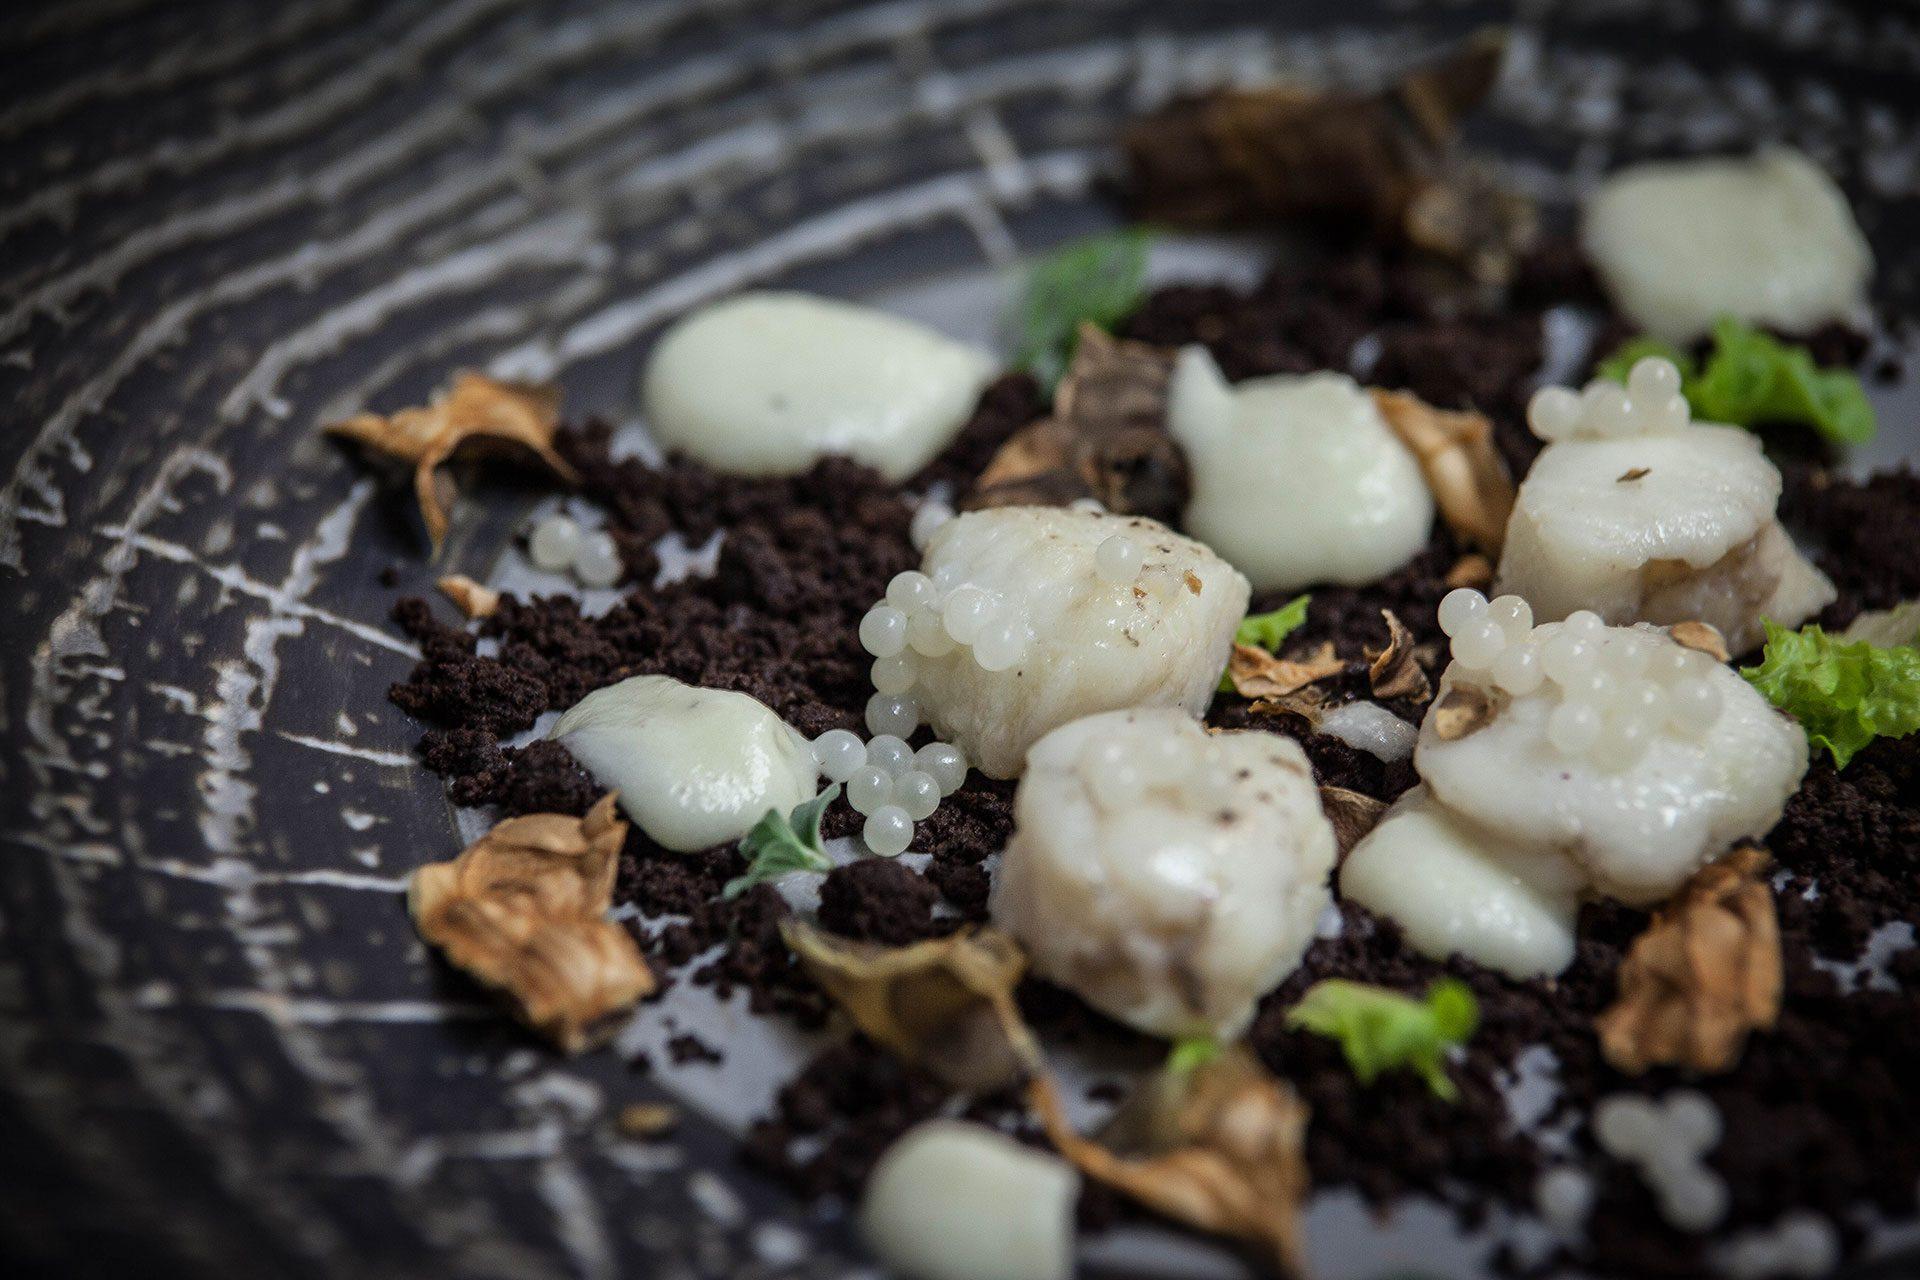 ristorante il tegolo livorno pesce fresco caviale lumaca cioccolato menu capodanno